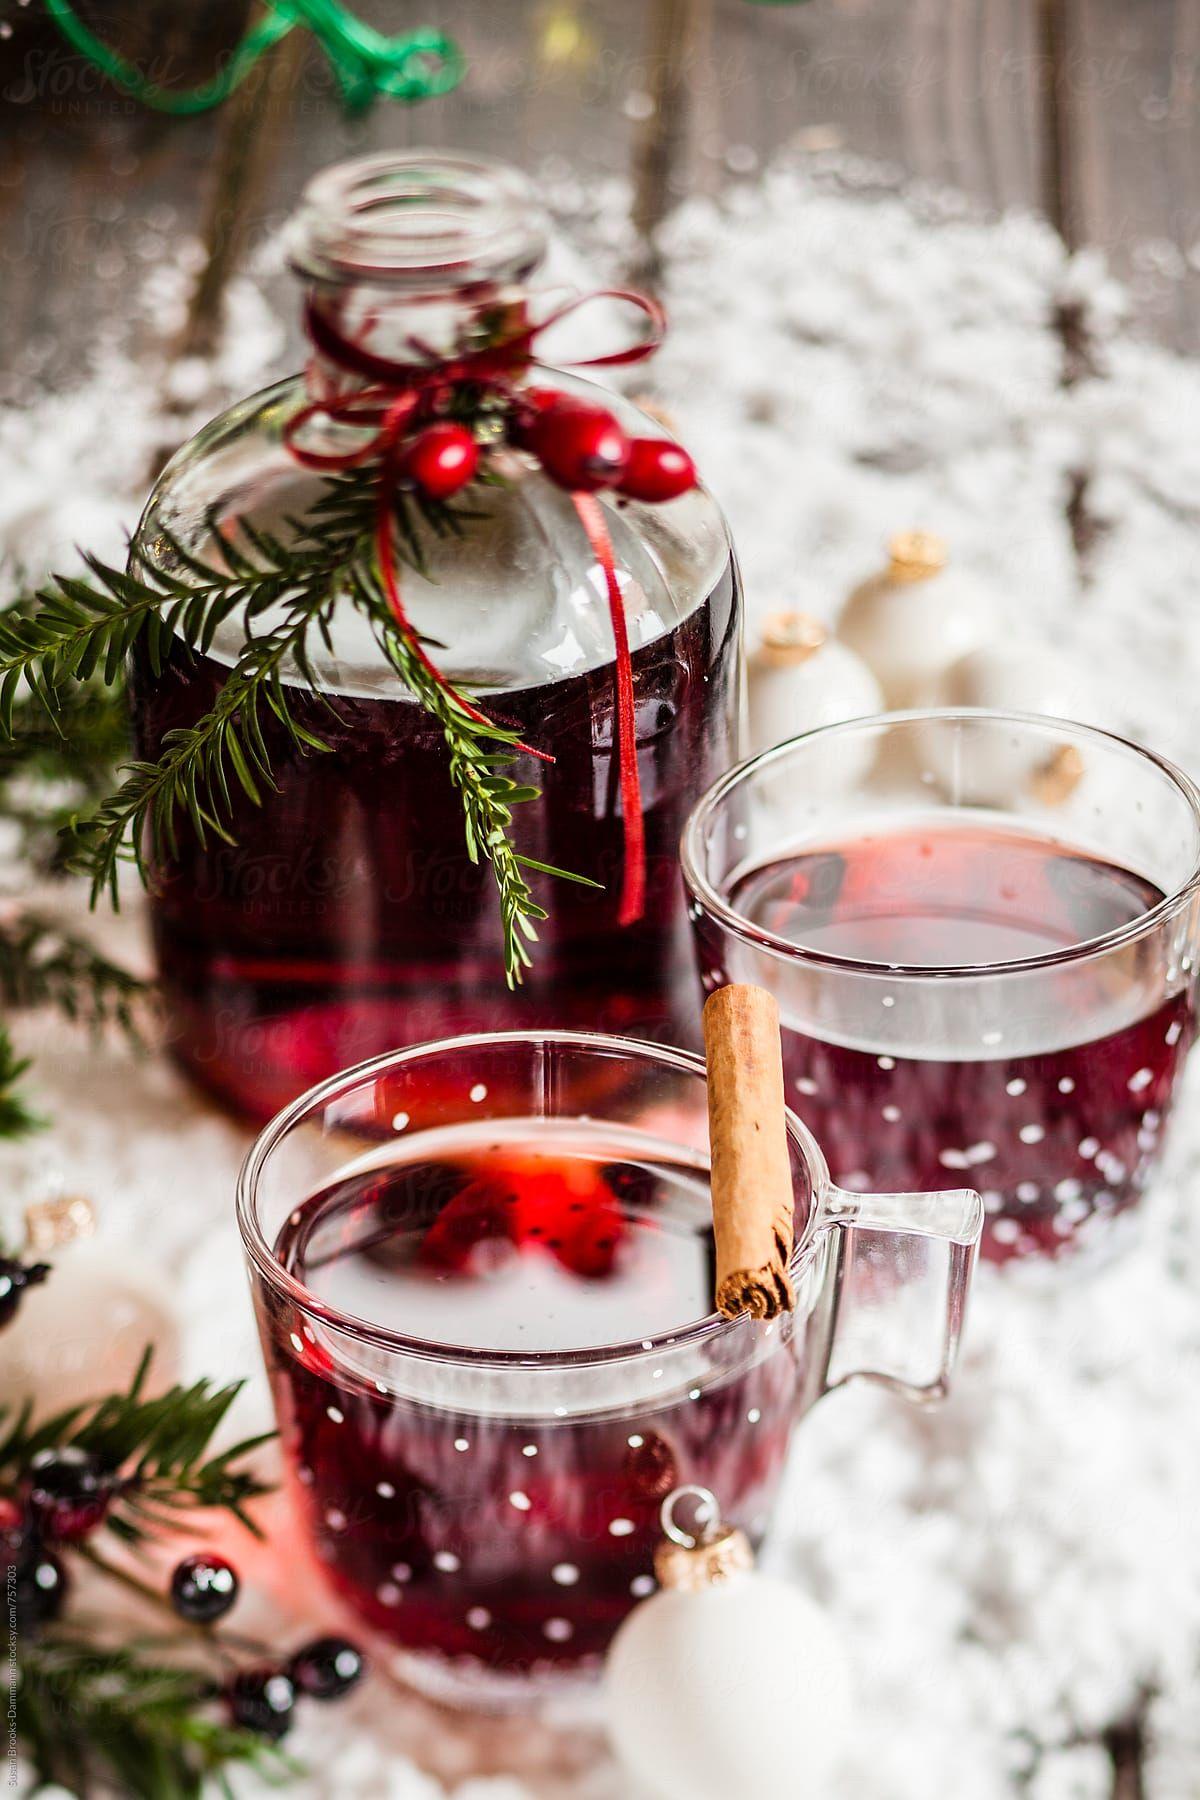 Mulled Wine By Susan Brooks Dammann For Stocksy United S Izobrazheniyami Novyj God